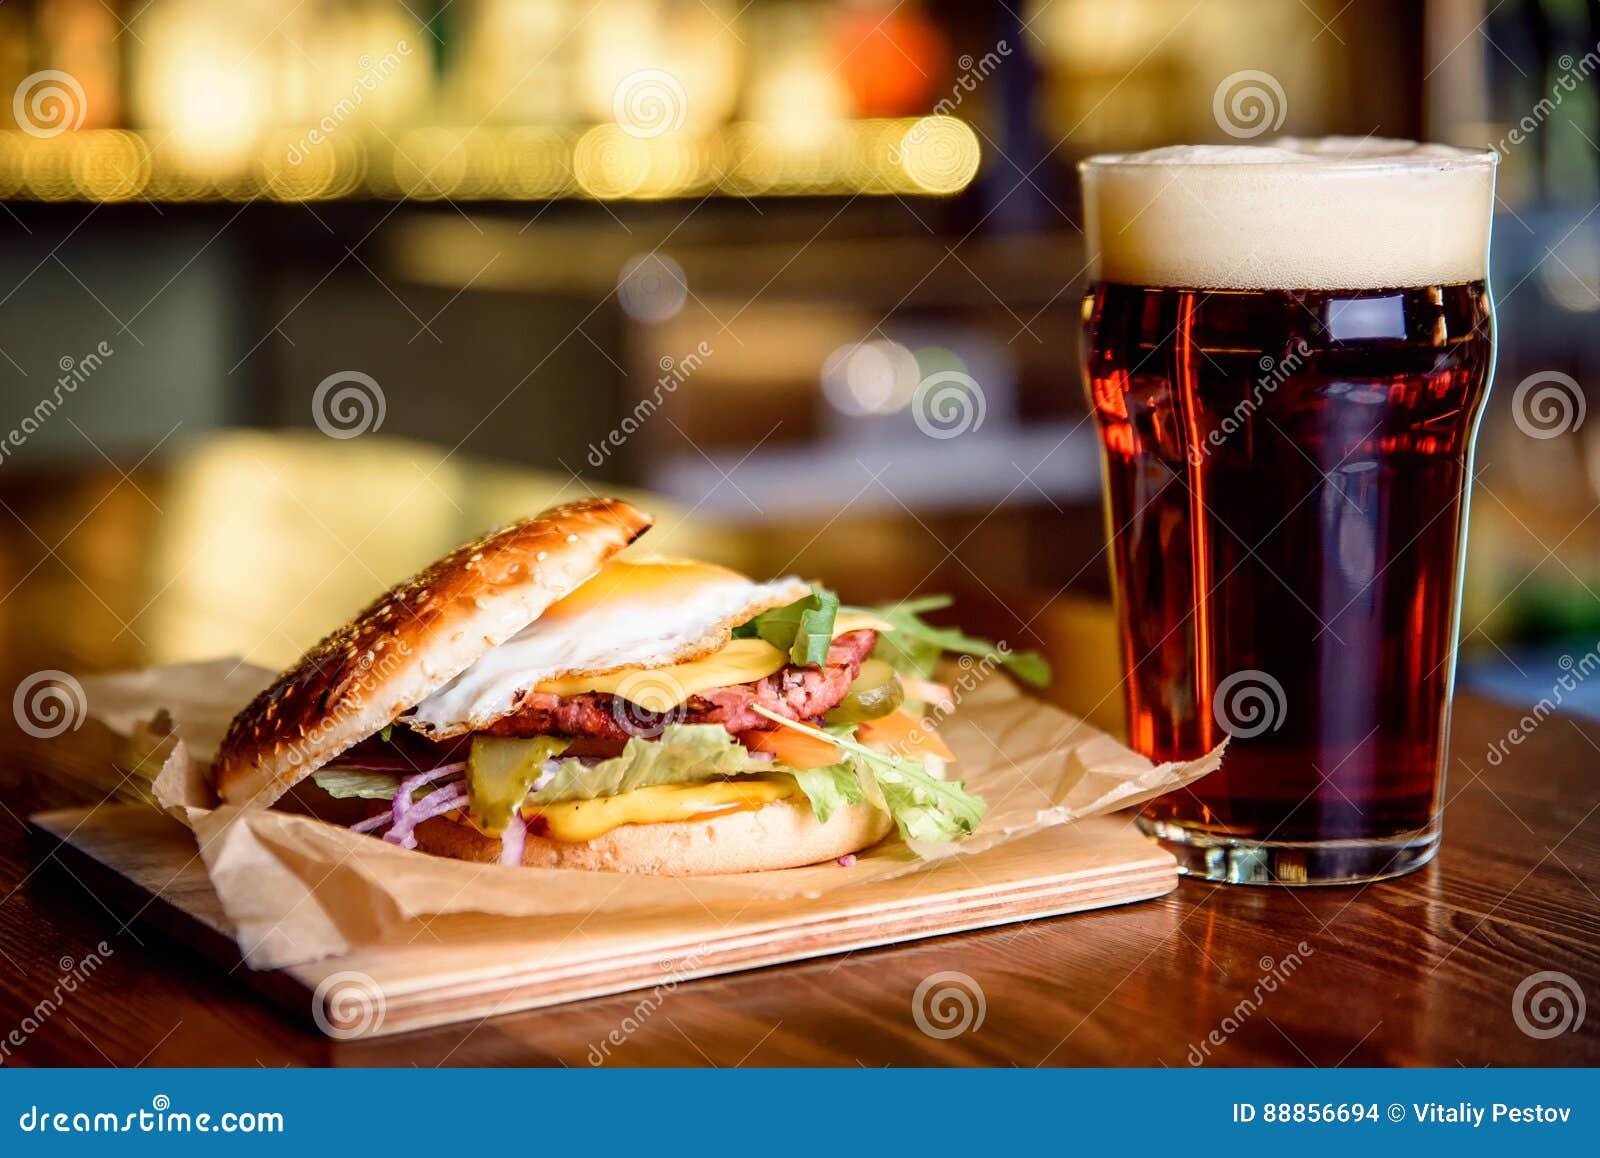 Hamburger en donker bier op een barachtergrond